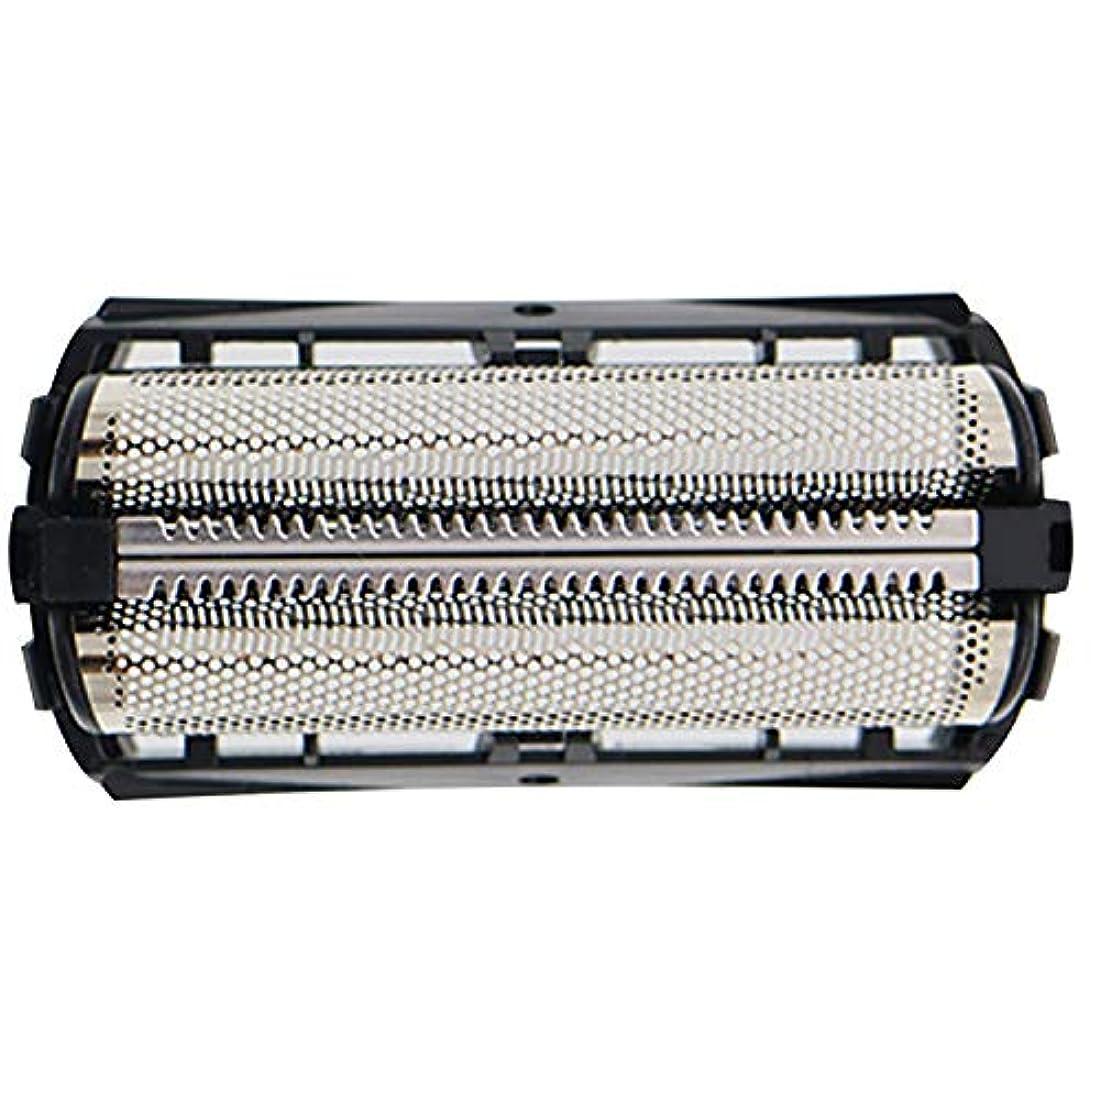 レオナルドダ抑圧先WyFun シェーバー替刃 適用 フィリップスQC5550用交換シェーバーフォイル/カッターユニットシェーバーヘッドQC5580メンズトリマー用回転ブレード